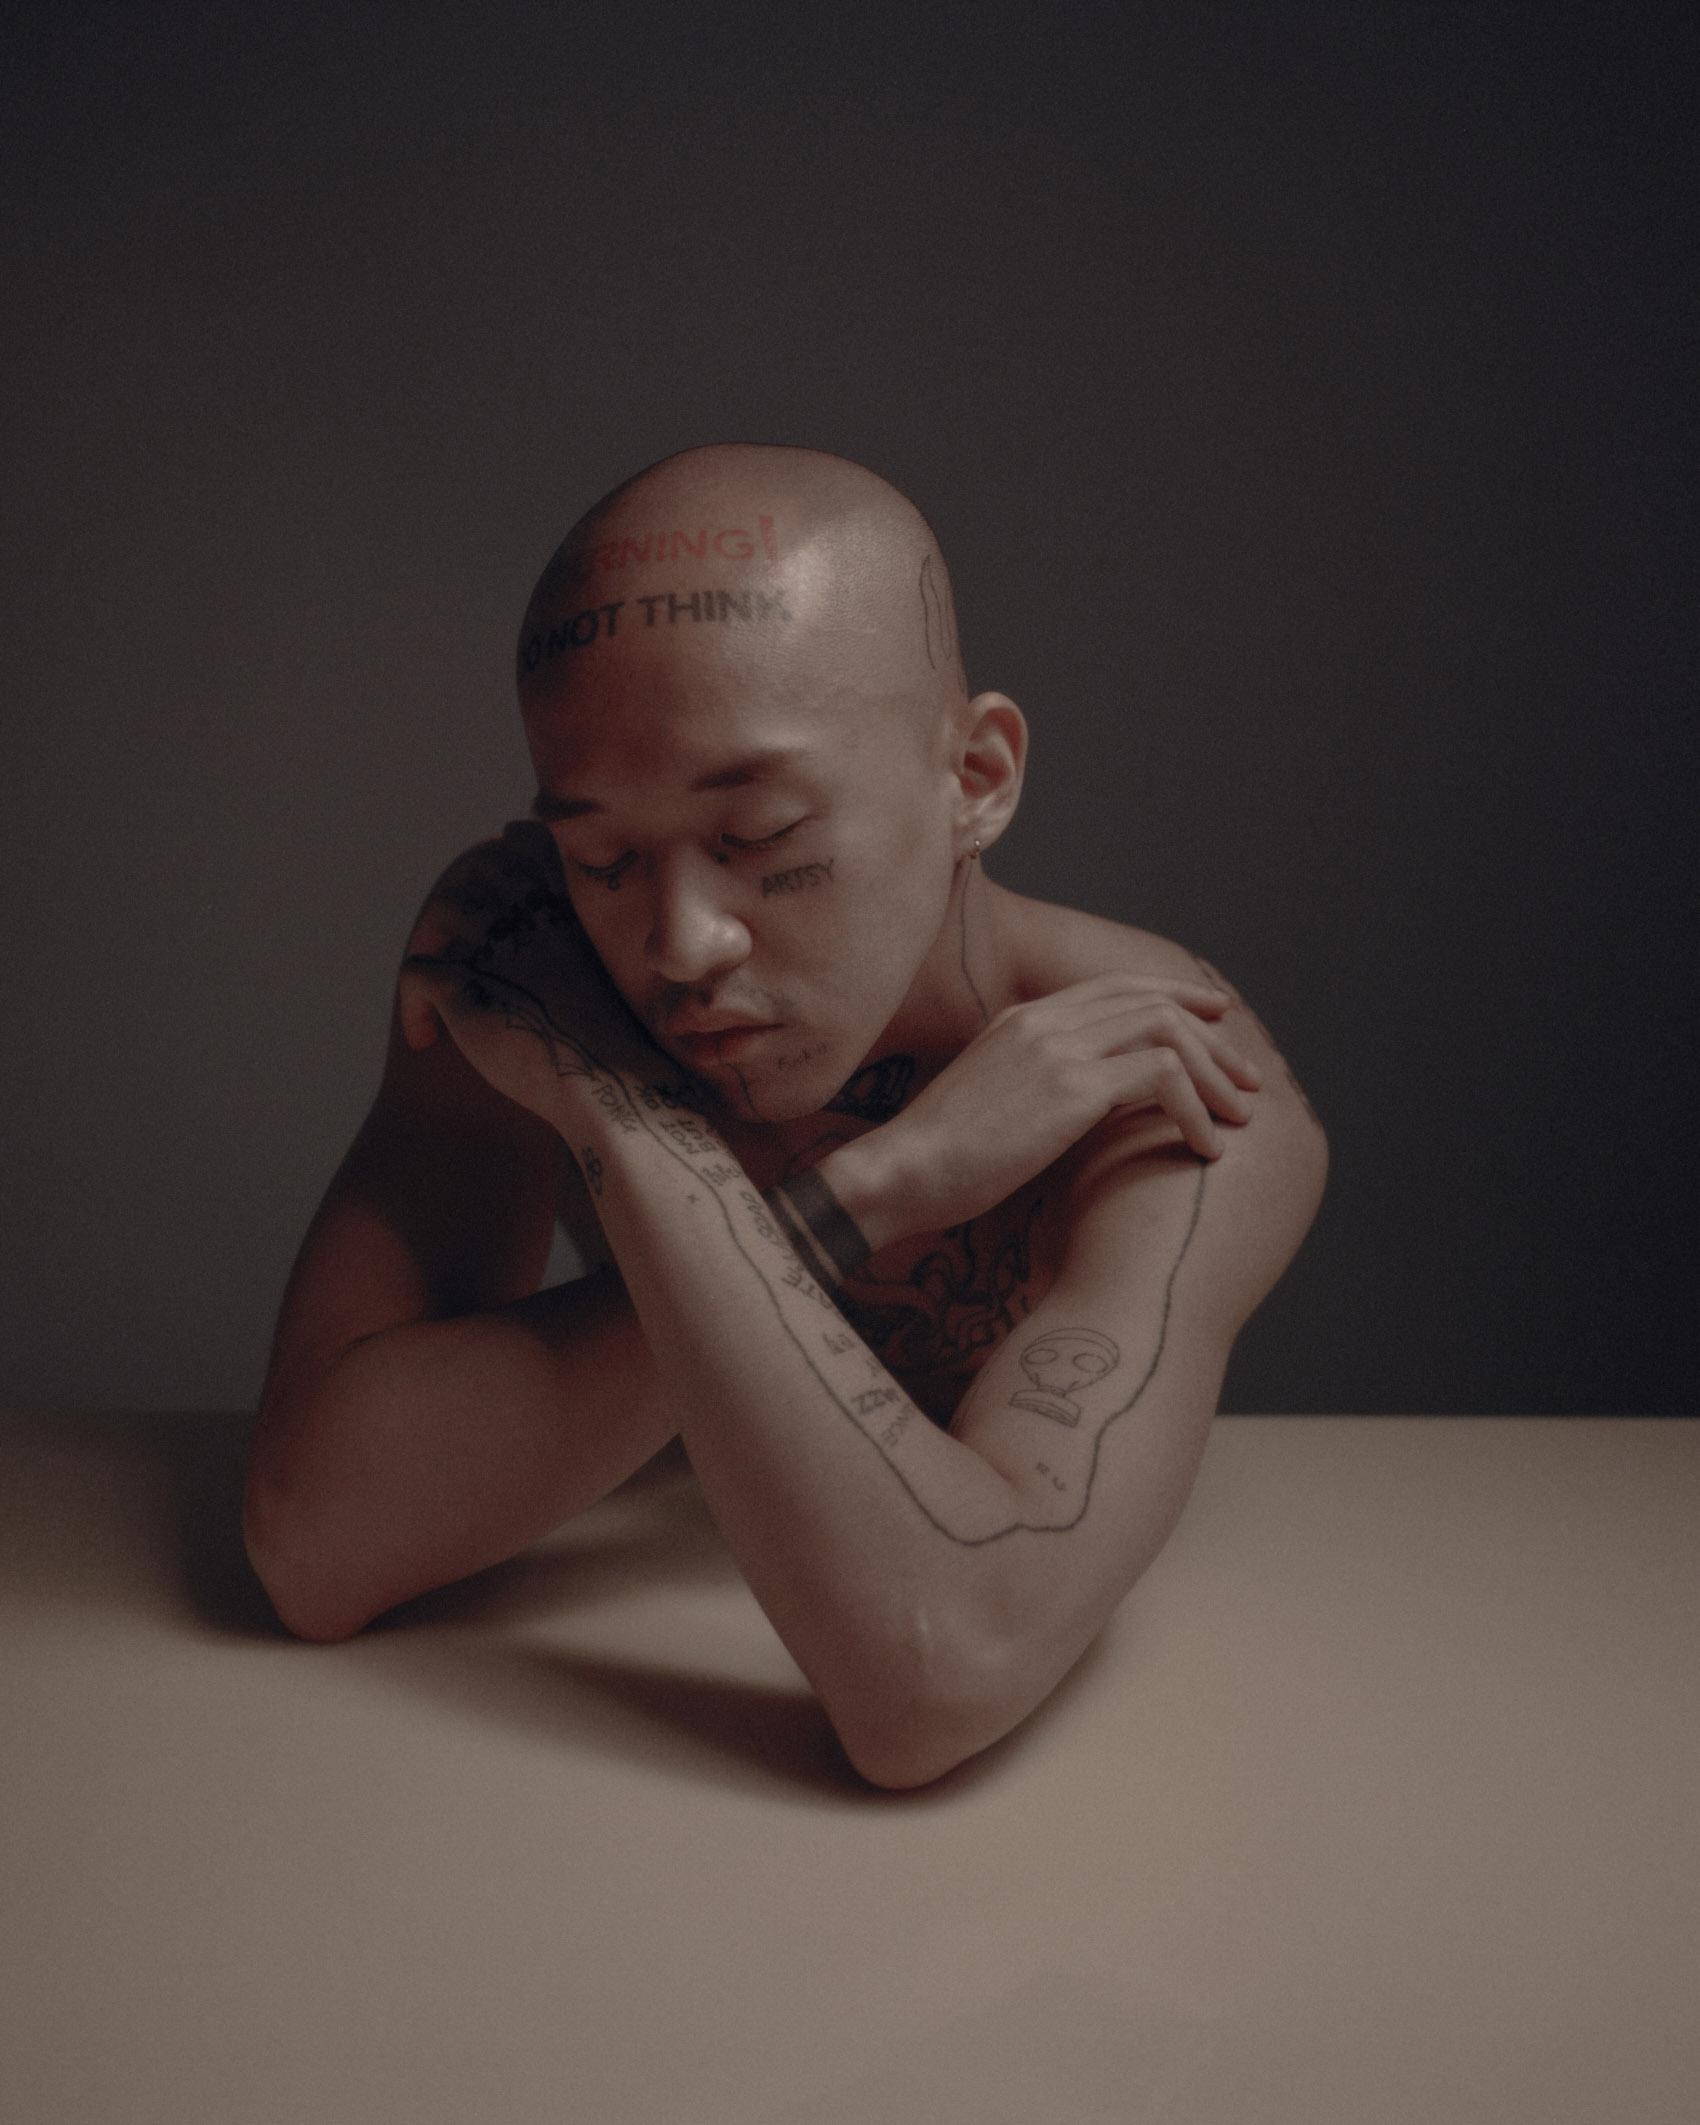 纹身作品的肖像照片,人民竞赛的获胜者